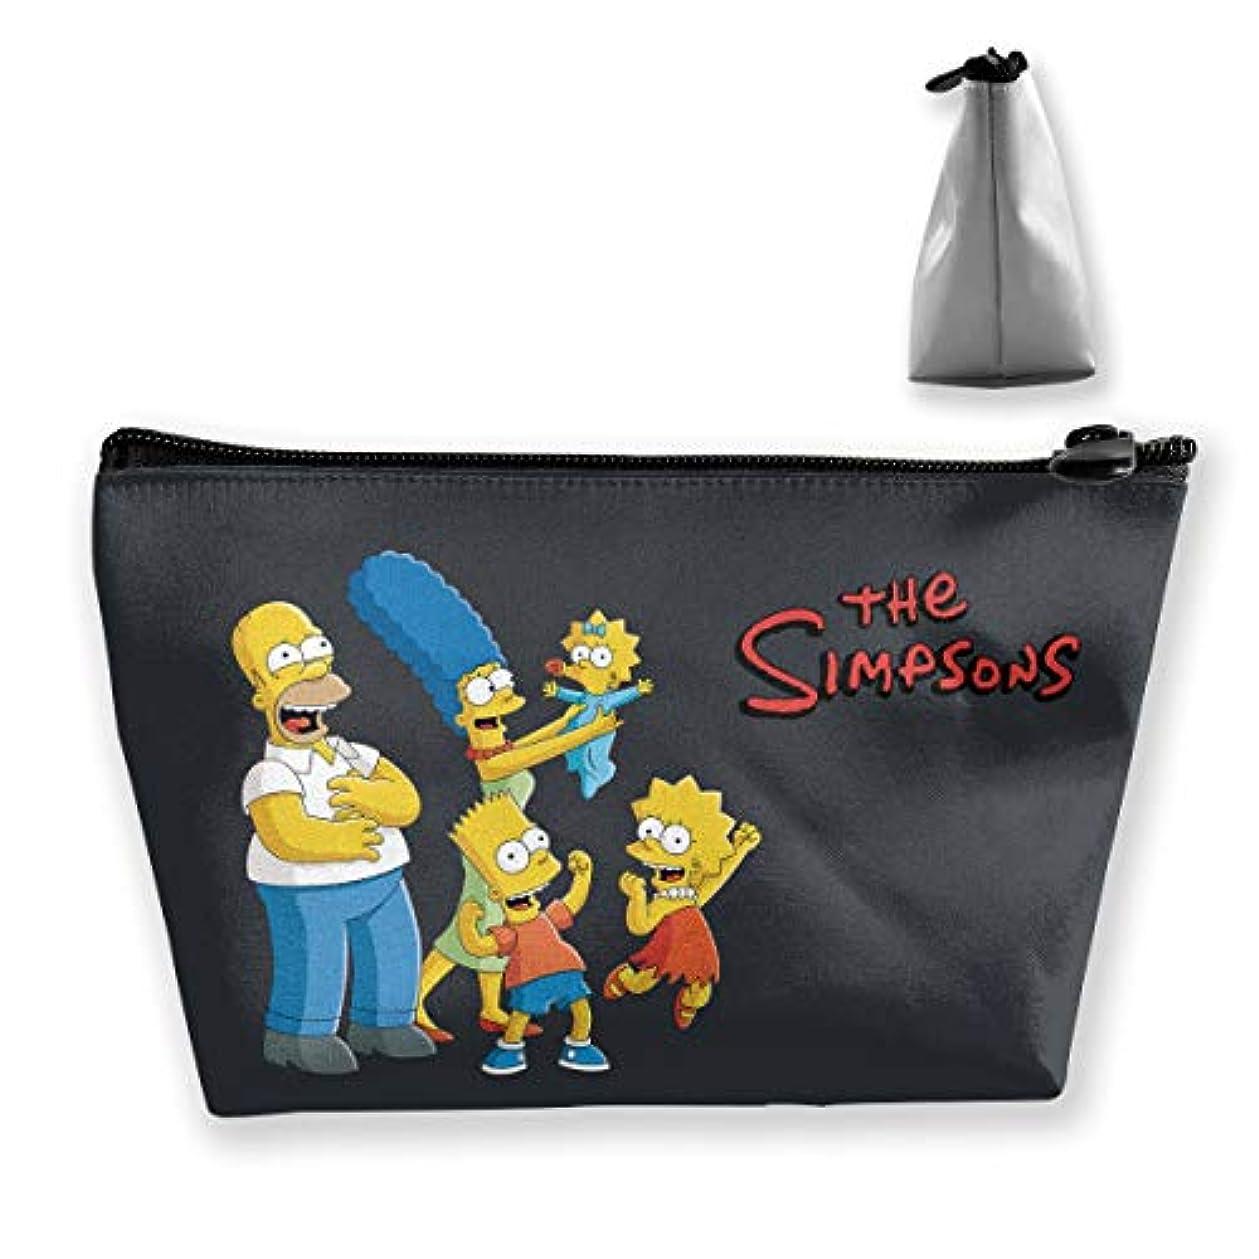 争うフィット百年DSM_TXSND ザ シンプソンズ Simpsons 化粧ポーチ ポーチ 小物入れ 多機能コスメポーチ メイクポーチ 化粧バッグ 化粧品 コスメ収納 便利 収納ポーチ 旅行用 収納ケース 化粧ポーチ